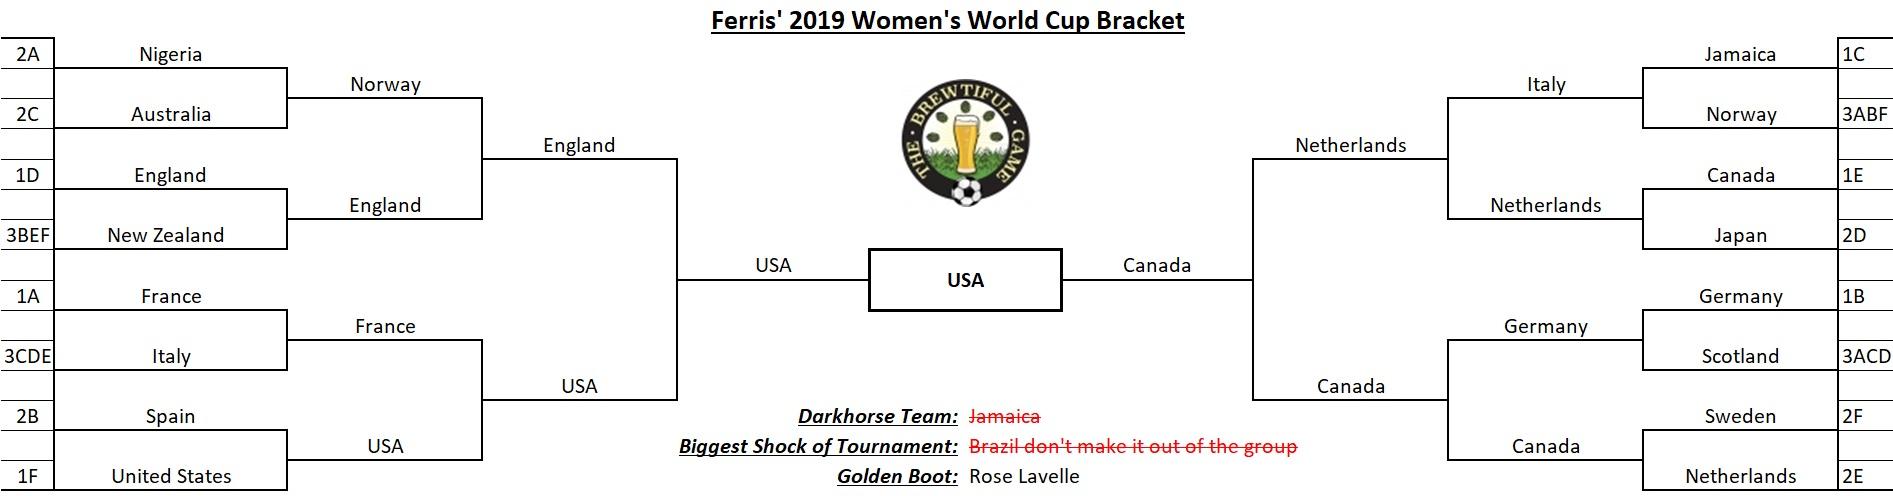 Ferris' 2018 Bracket - Group Stage Update.jpg